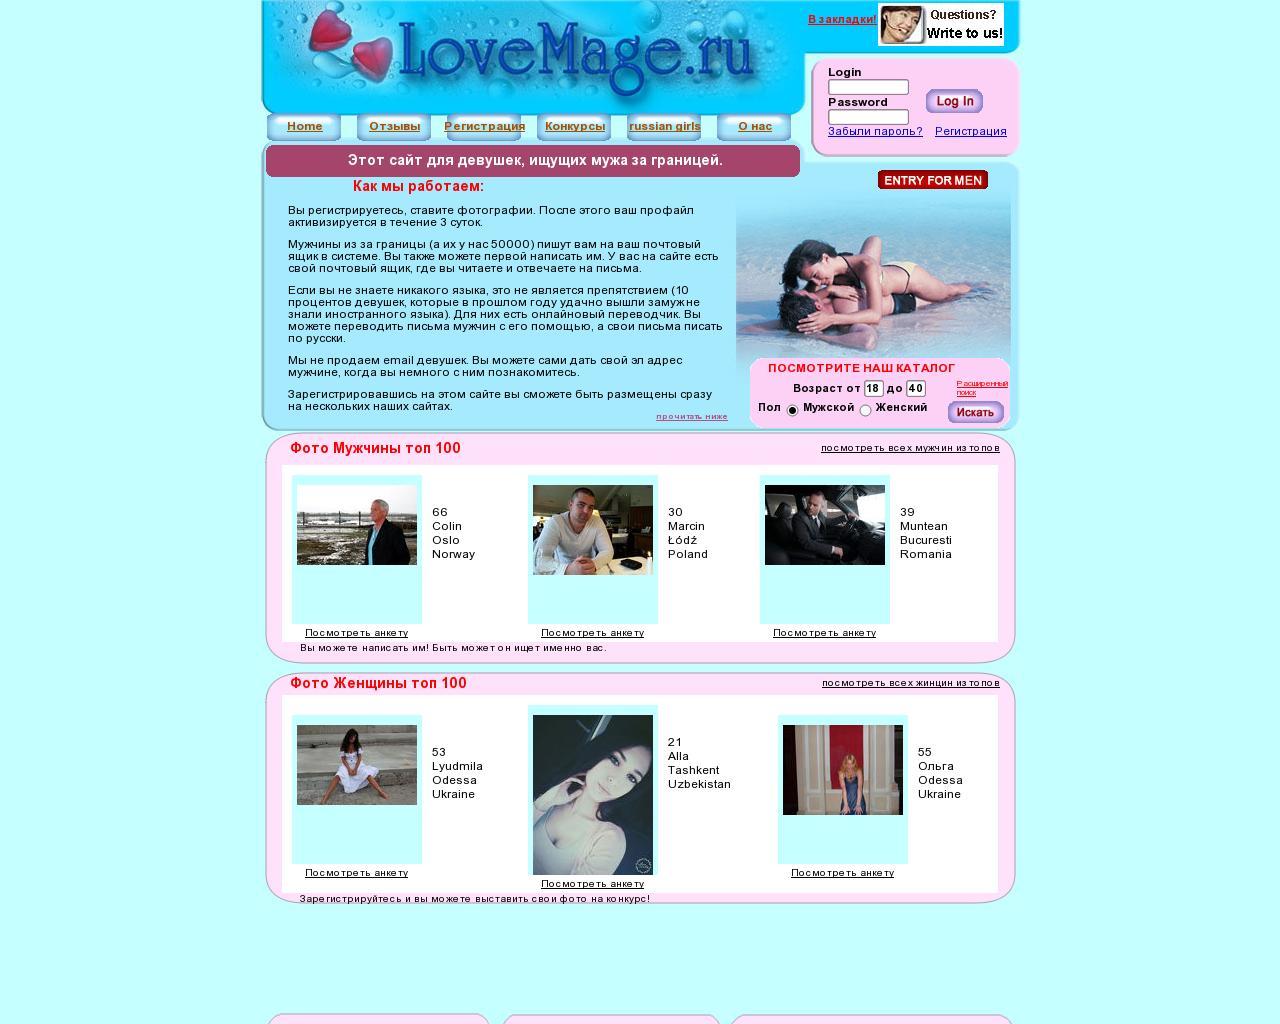 Иностранца знакомств международный за сайт замуж